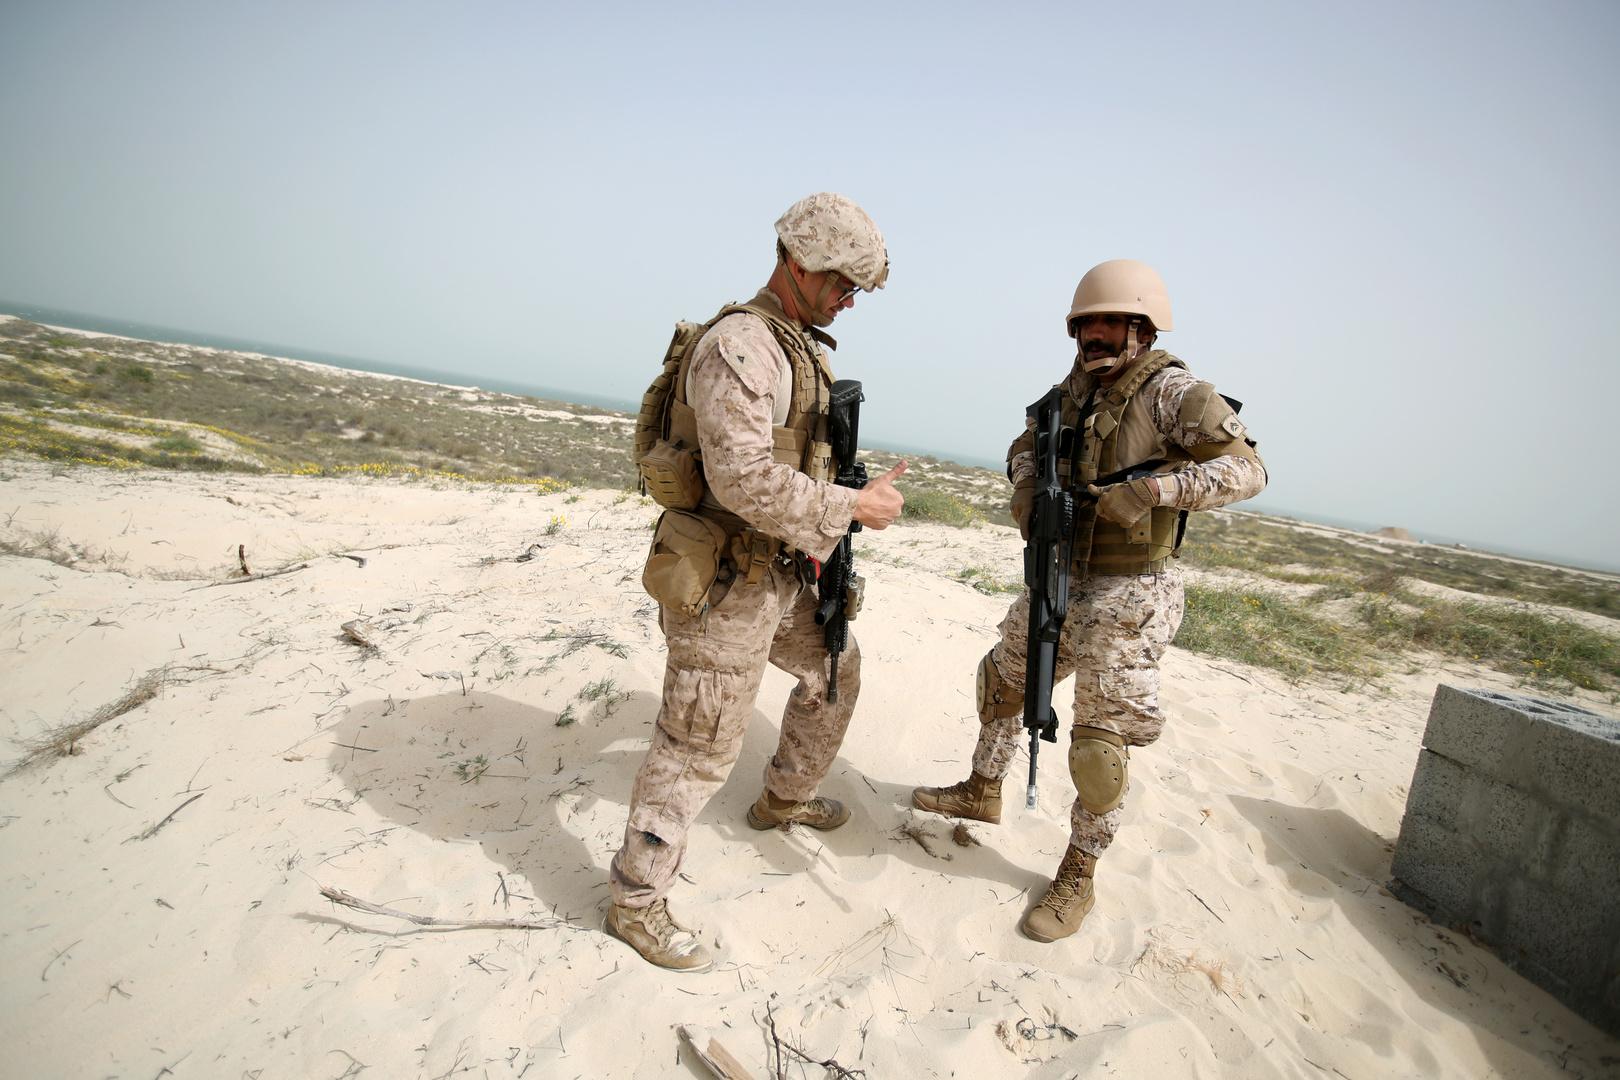 تحسبا لتصعيد عسكري مع إيران.. أمريكا تبحث عن قواعد احتياطية في السعودية